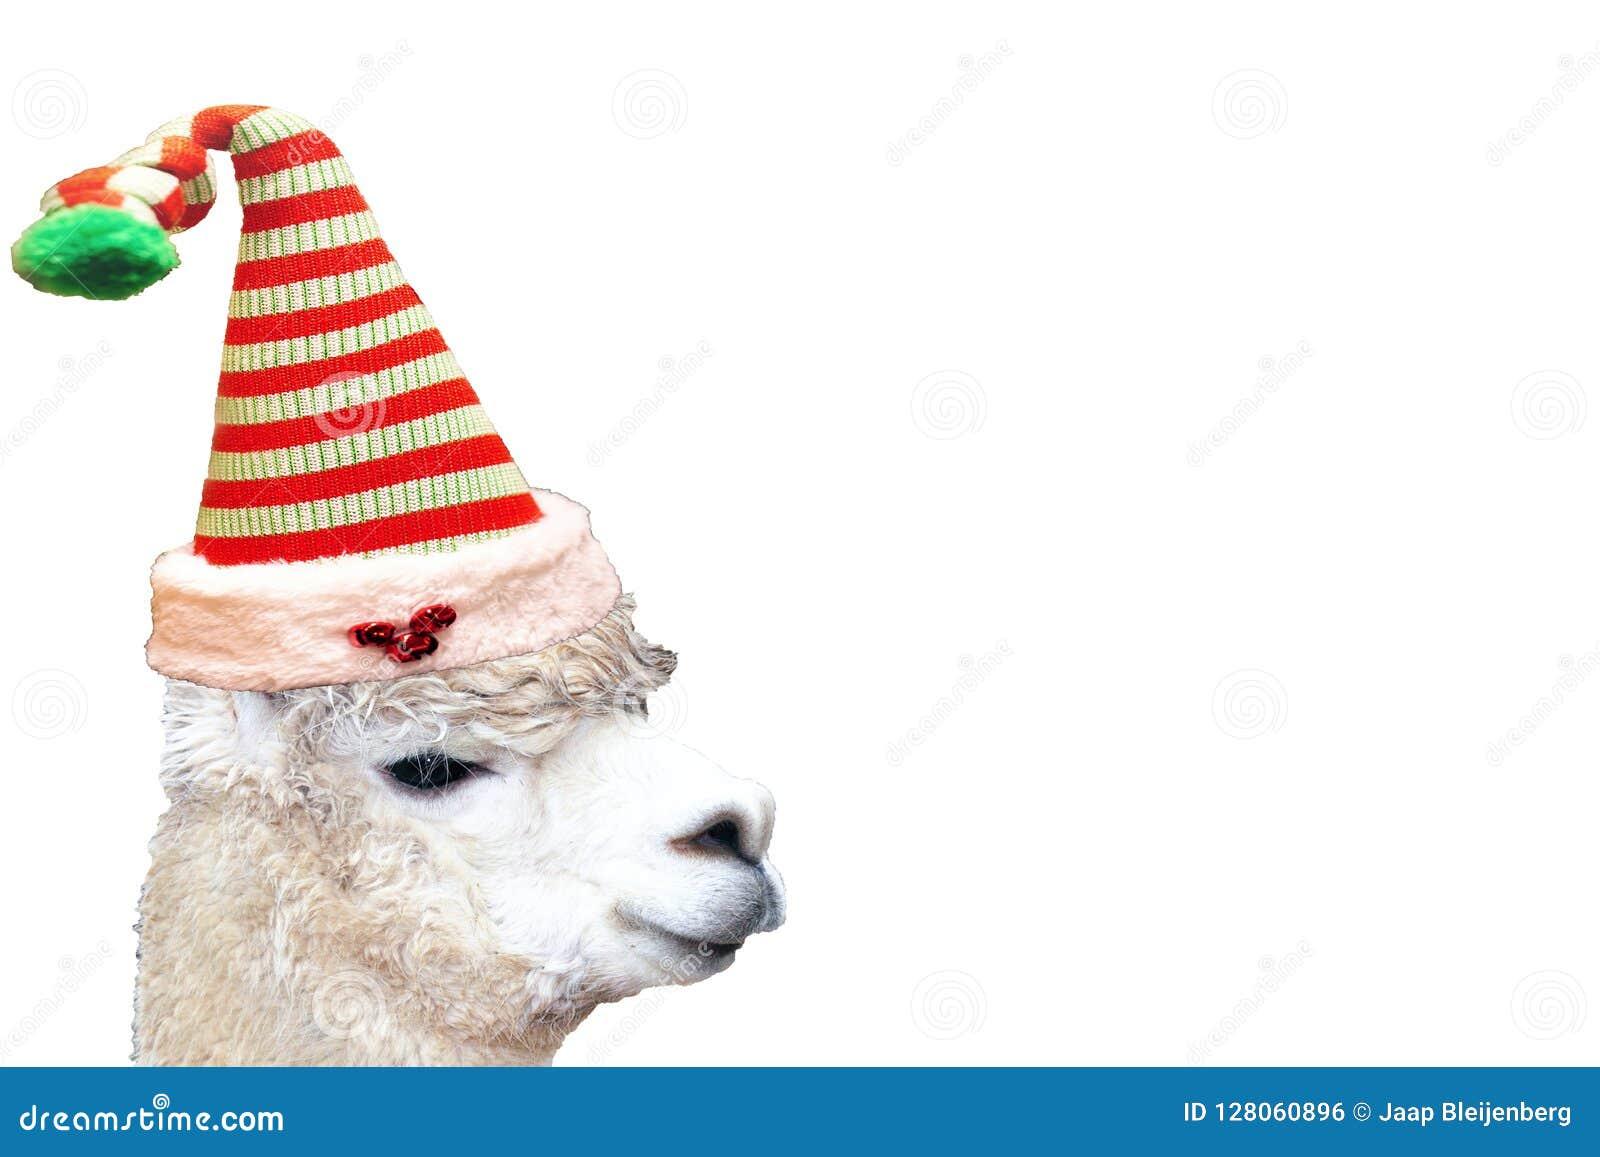 Alpaca animal de la Navidad muy linda y divertida que lleva un sombrero del duende aislado en un fondo blanco vacío